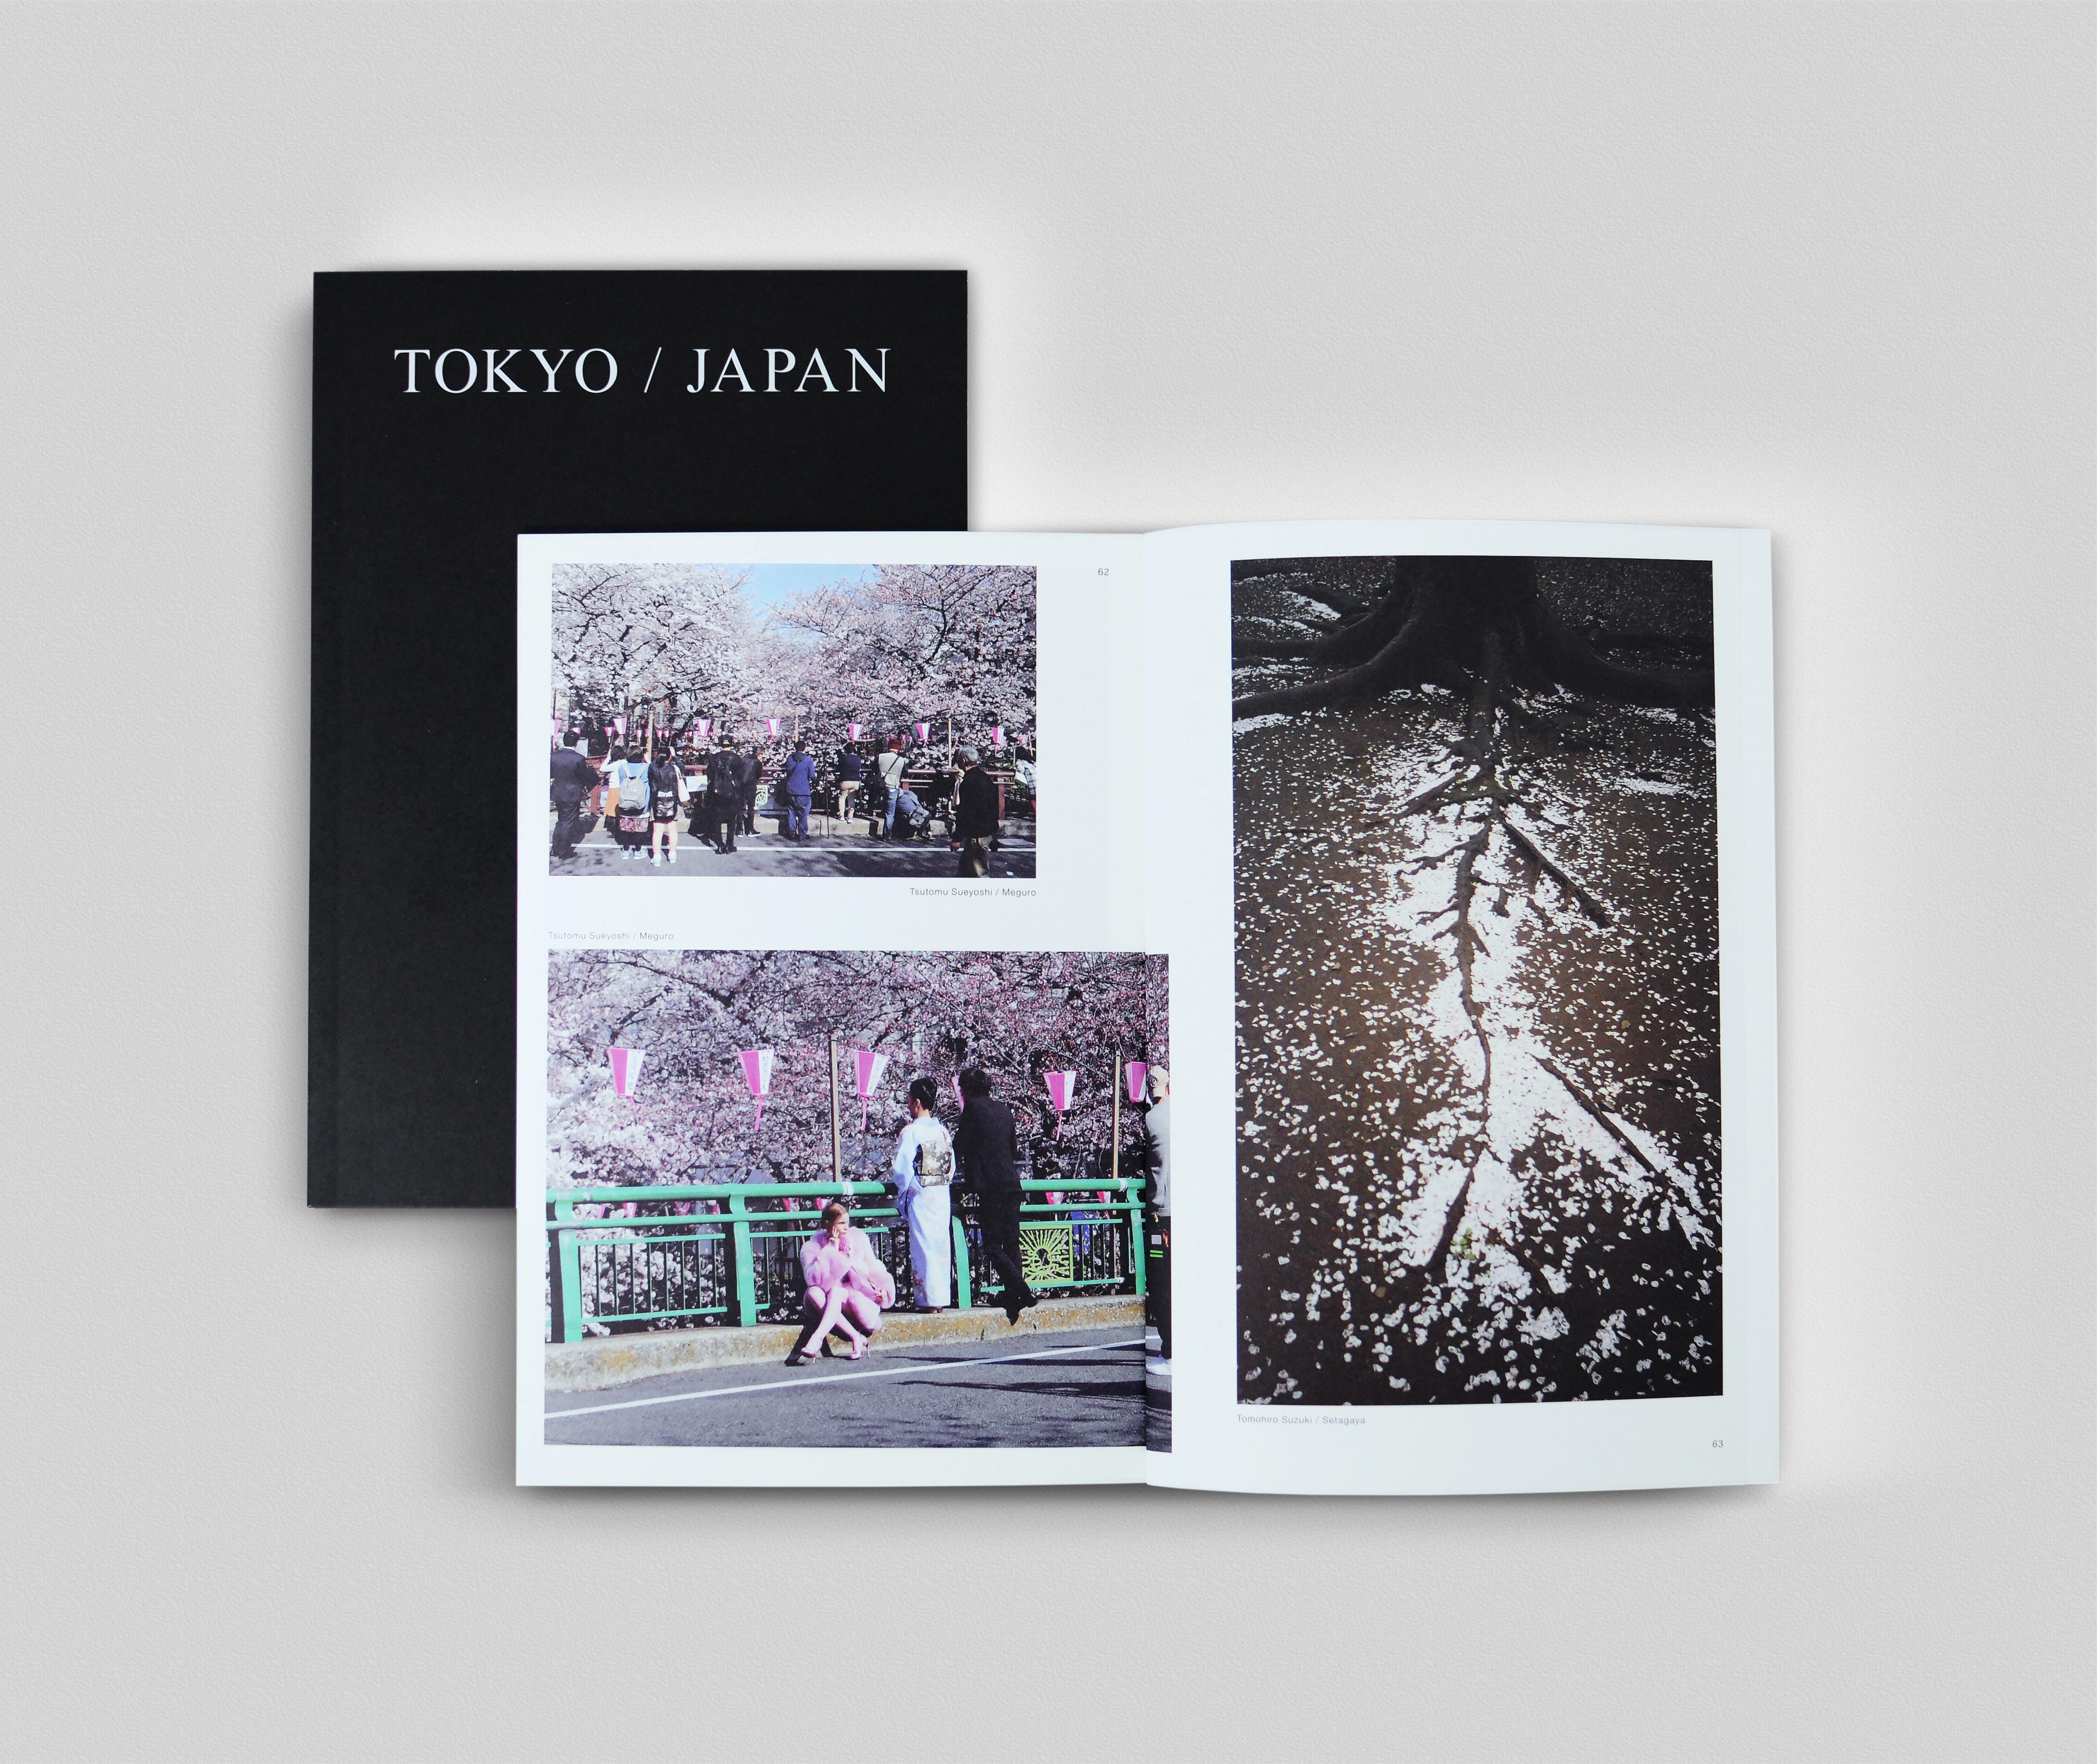 tokyojapan_poster